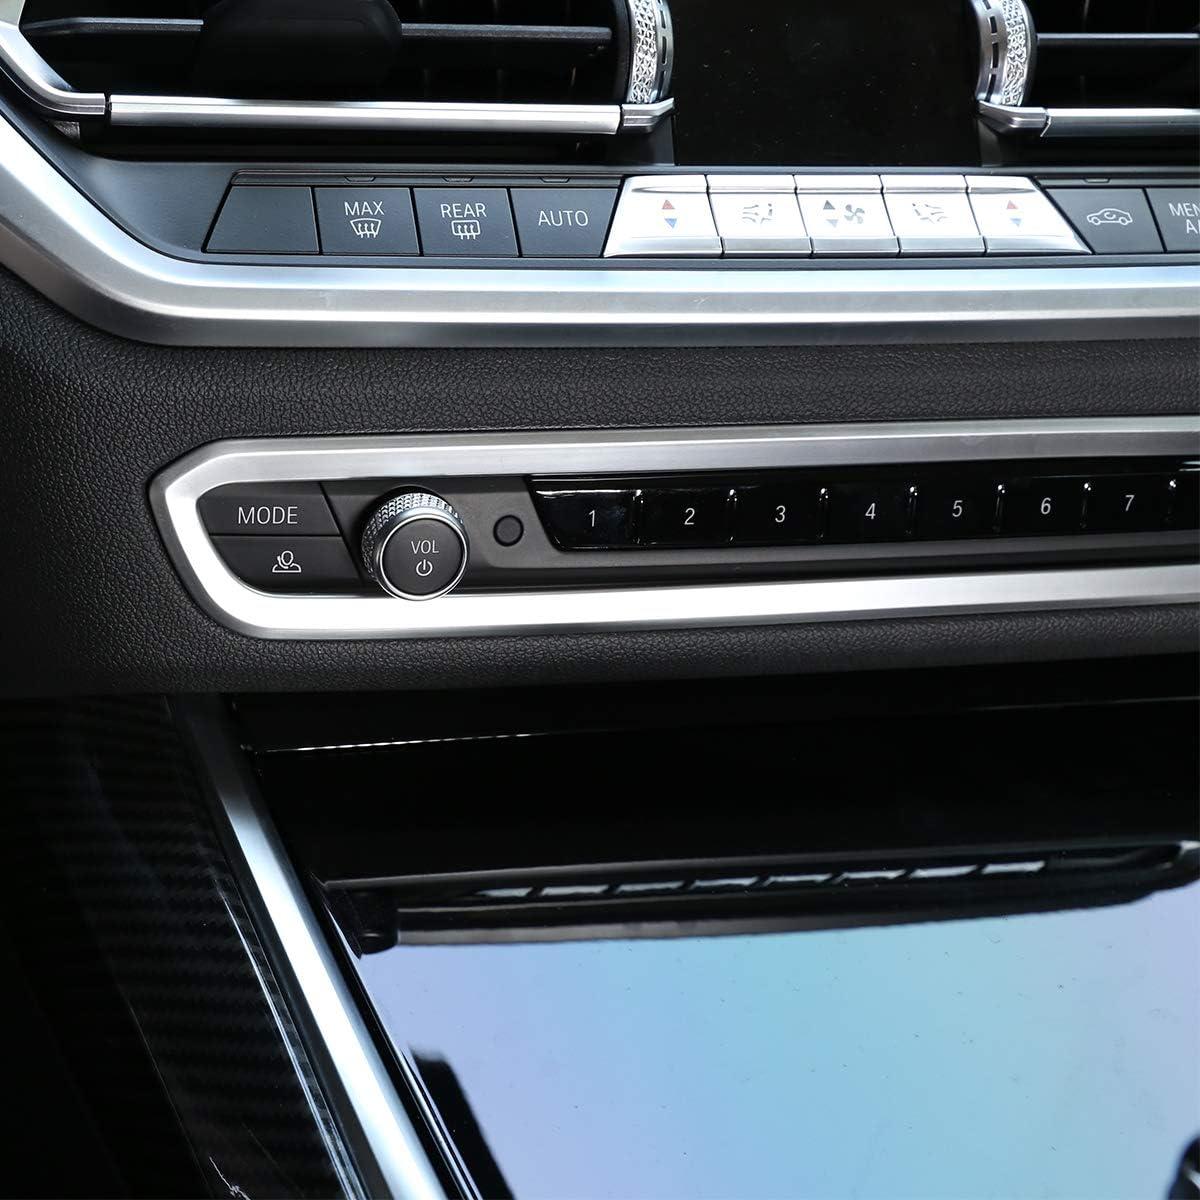 Diyucar Abs Chrom Auto Kontrollknopf Dekorativer Rahmen Für G20 G28 325li 3er Serie 2019 2020 Zubehör Auto